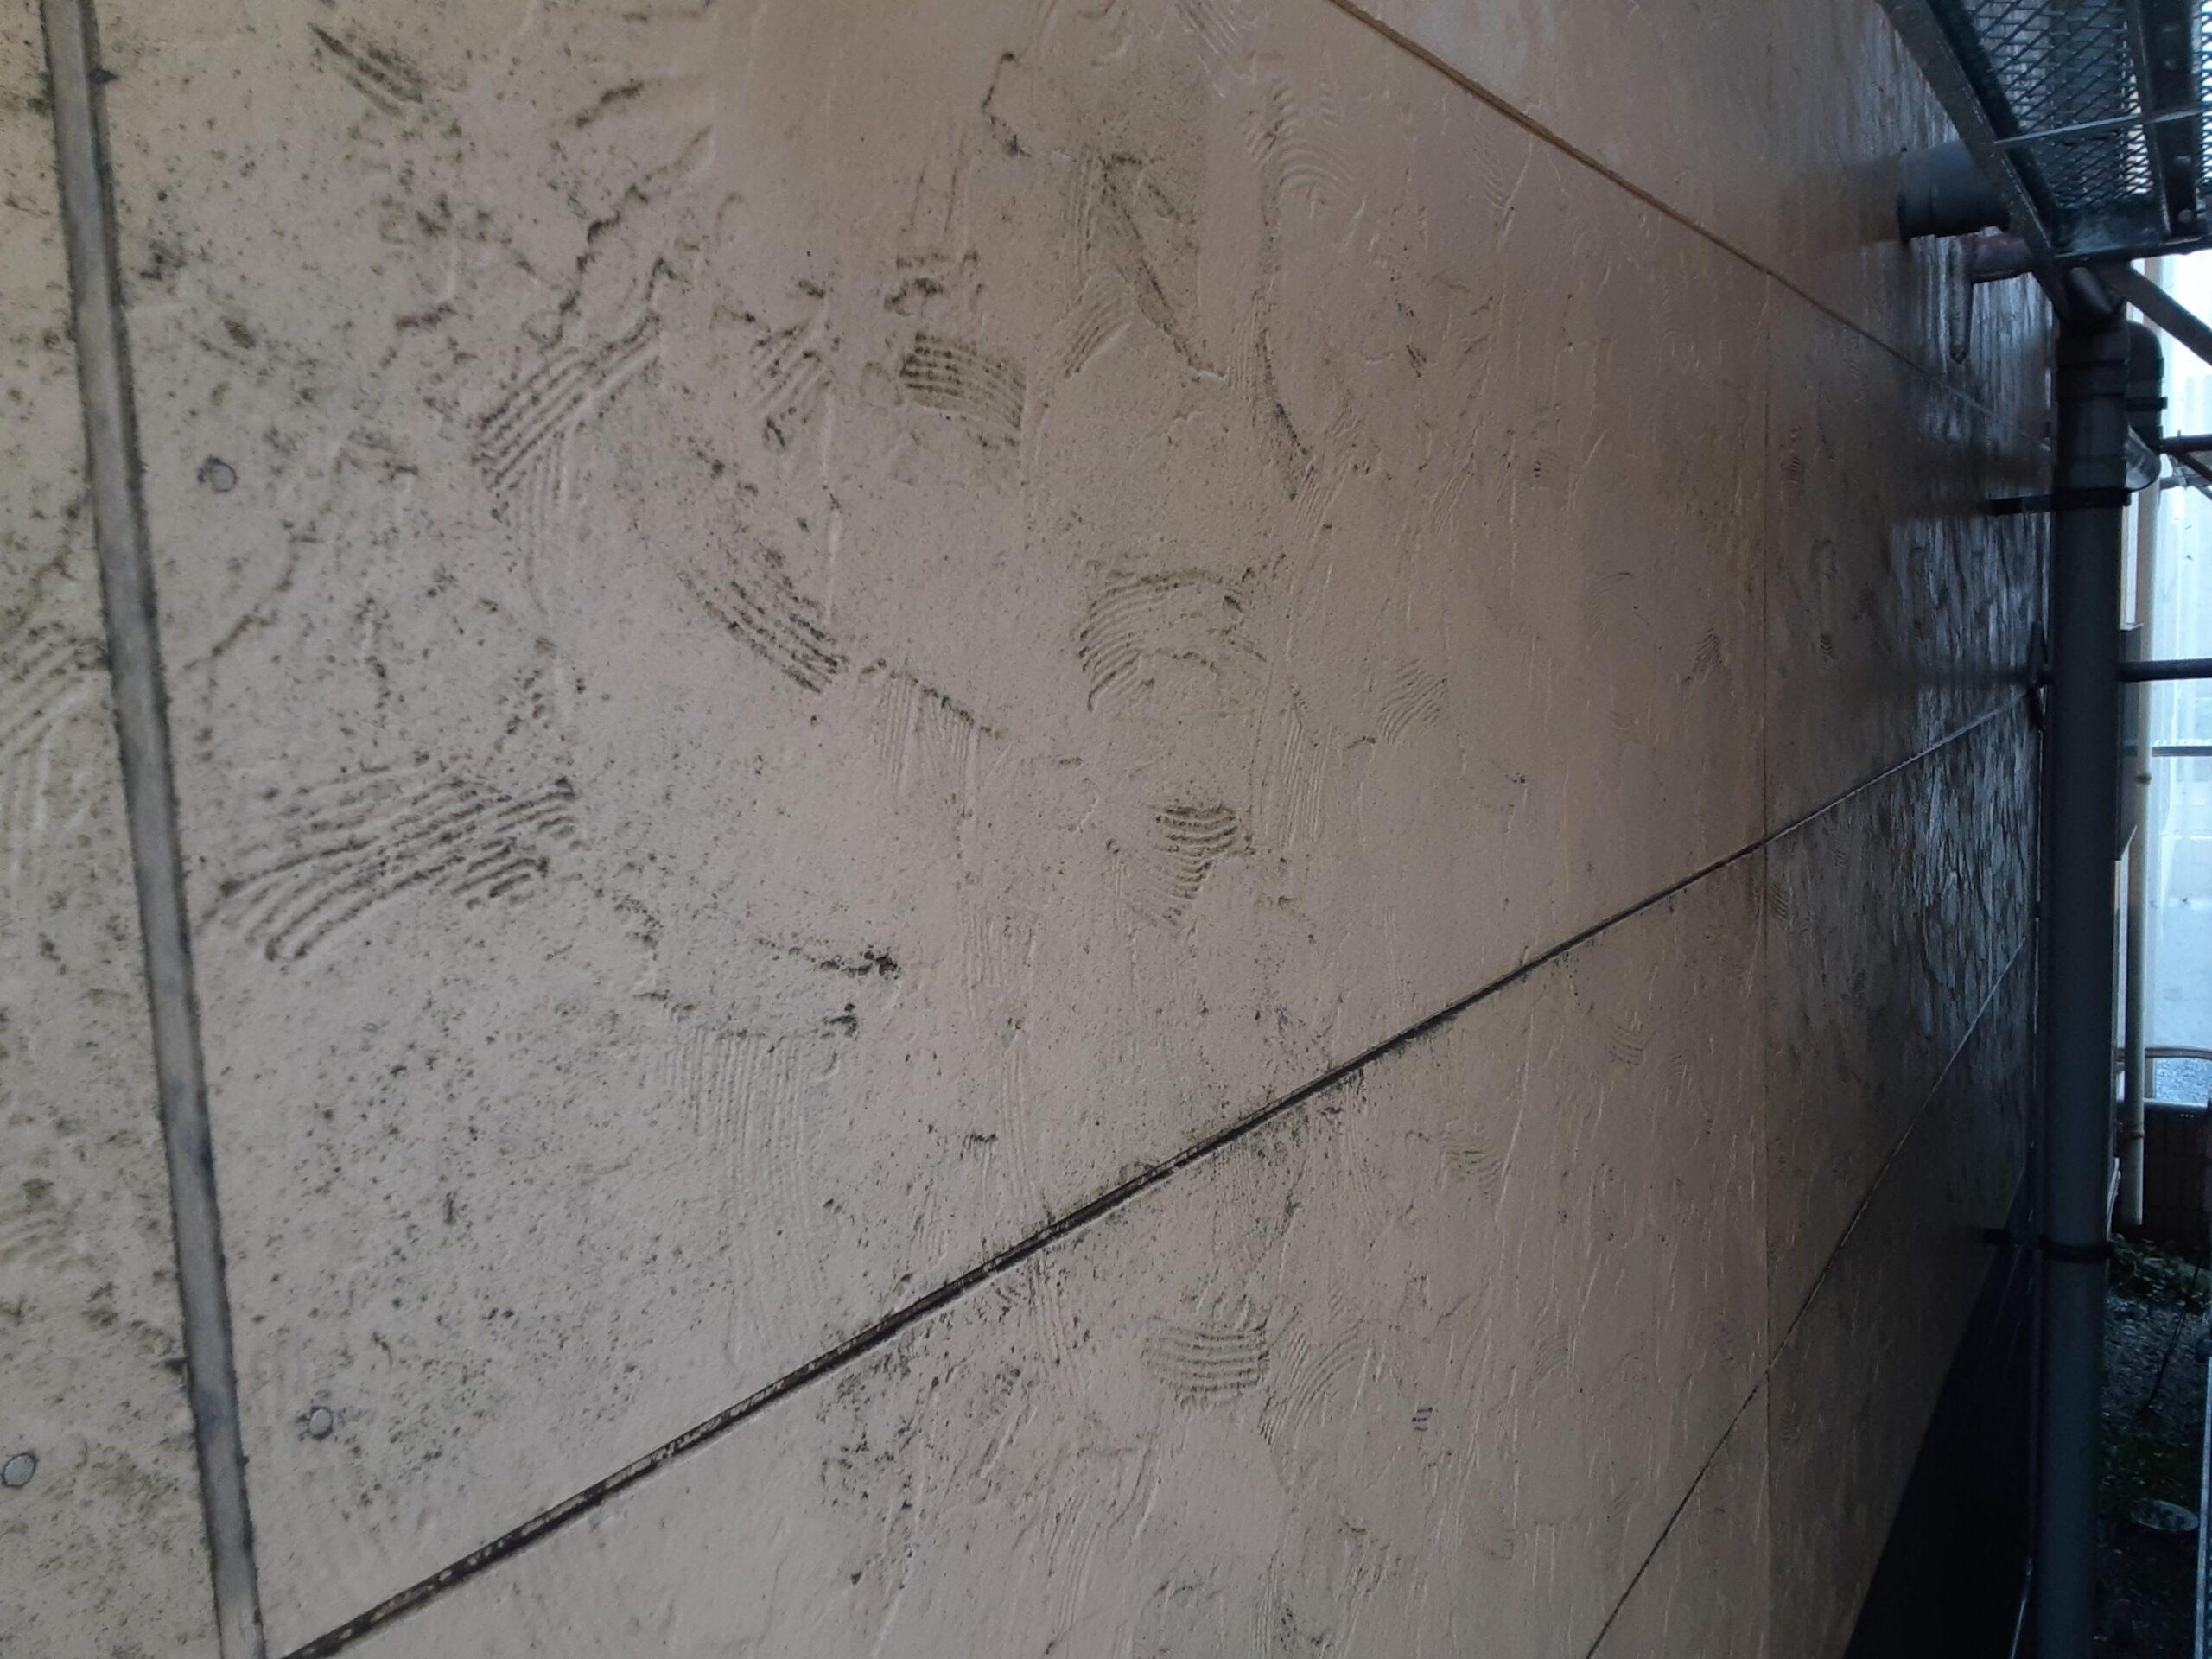 埼玉県さいたま市桜区のA様邸(木造3階建て)にて屋根・外壁の高圧洗浄